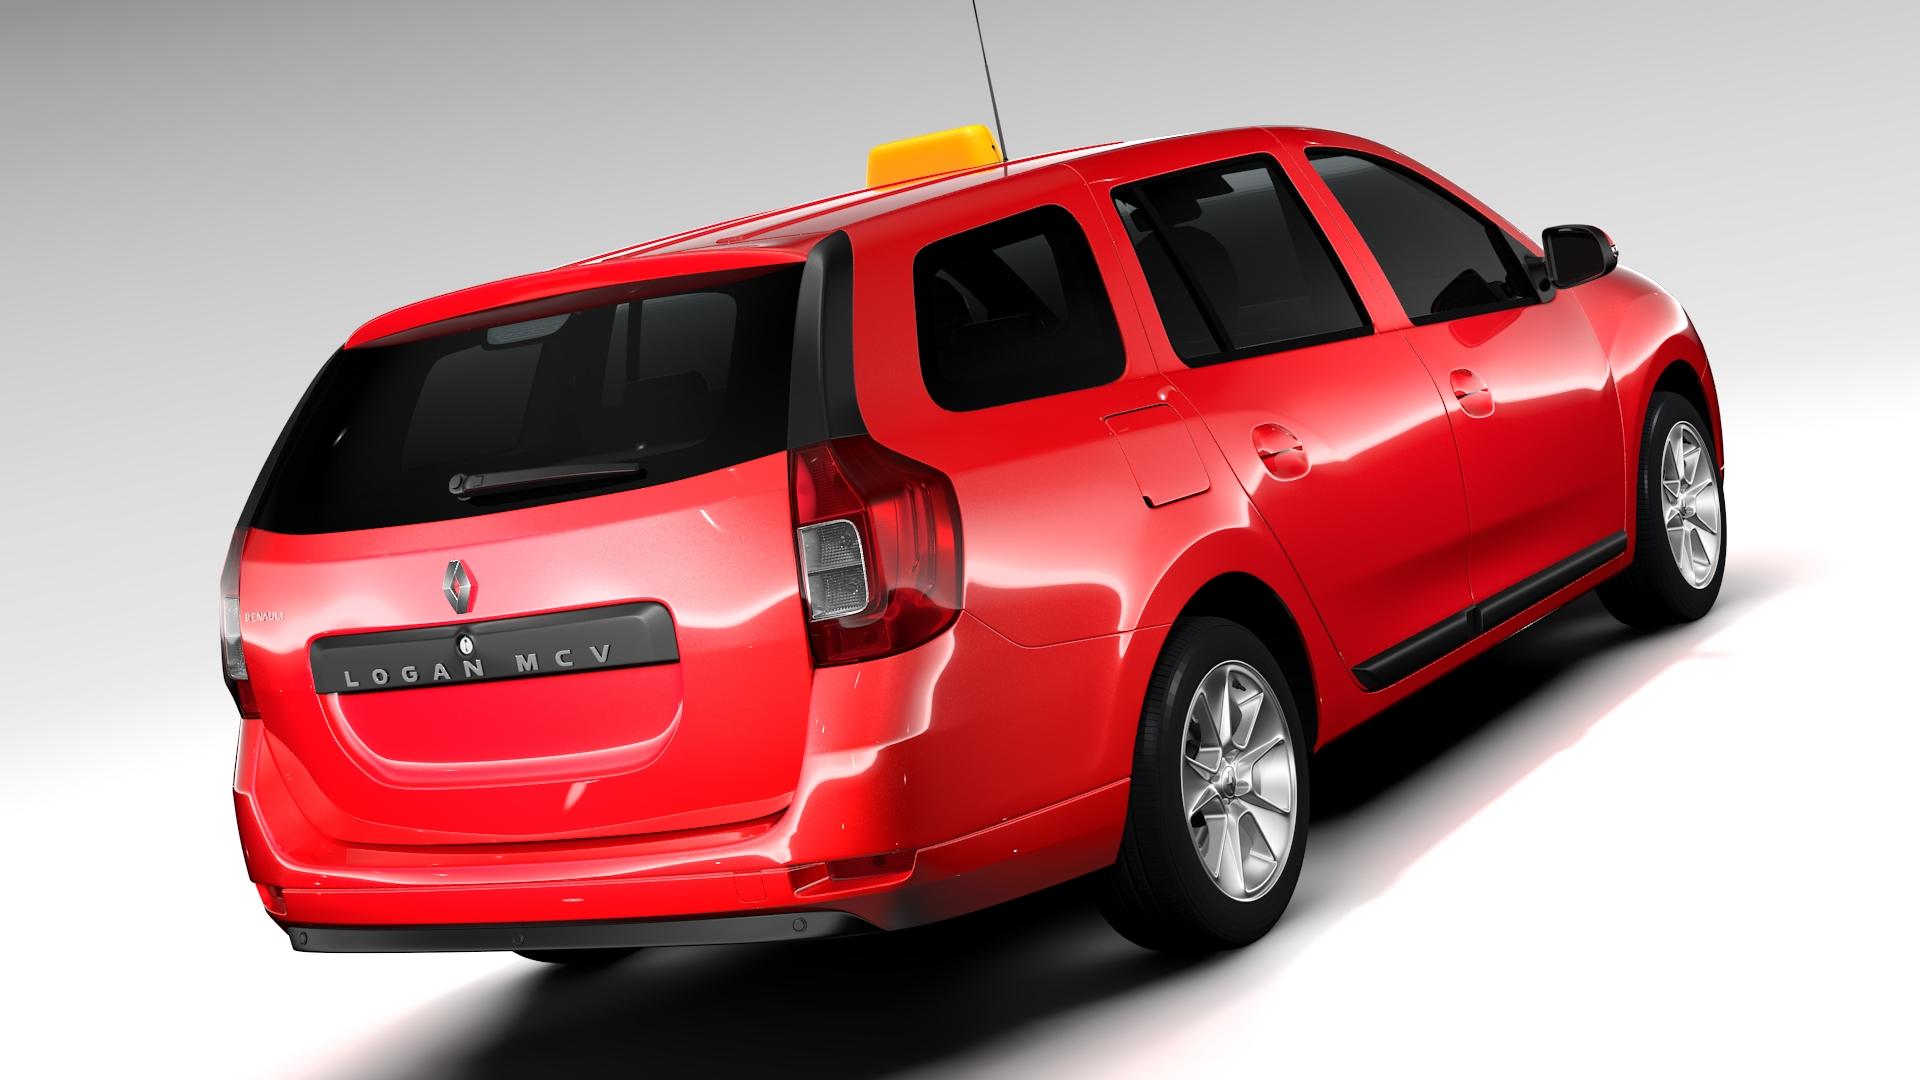 renault logan mcv taxi 2016 3d model 3ds max fbx c4d lwo ma mb hrc xsi obj 221284